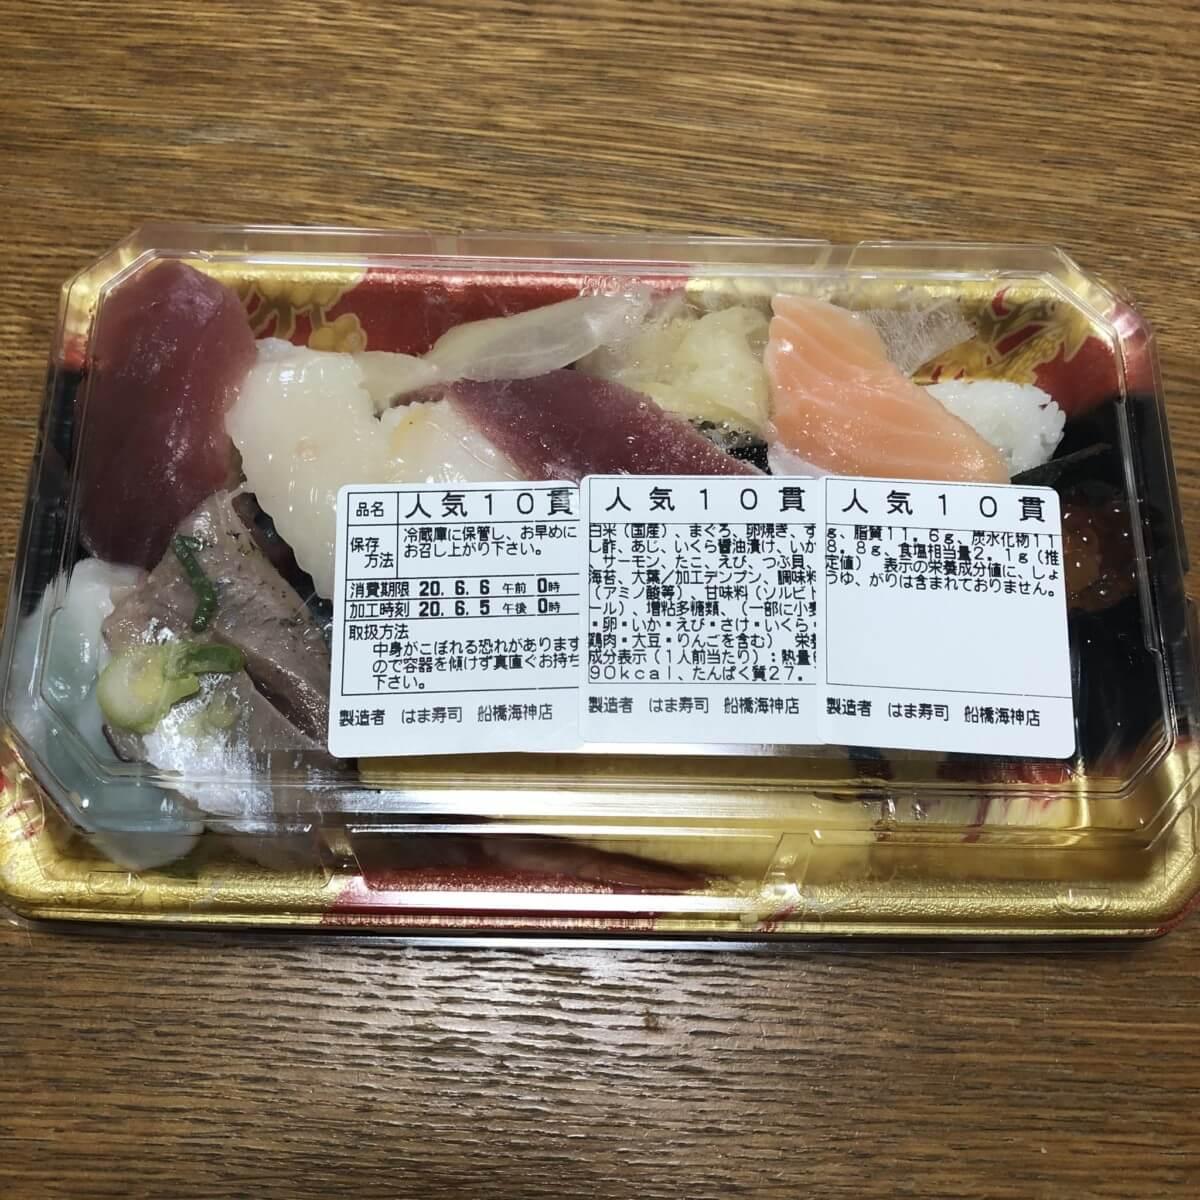 ウーバーイーツ配達されたお寿司がグチャグチャ2